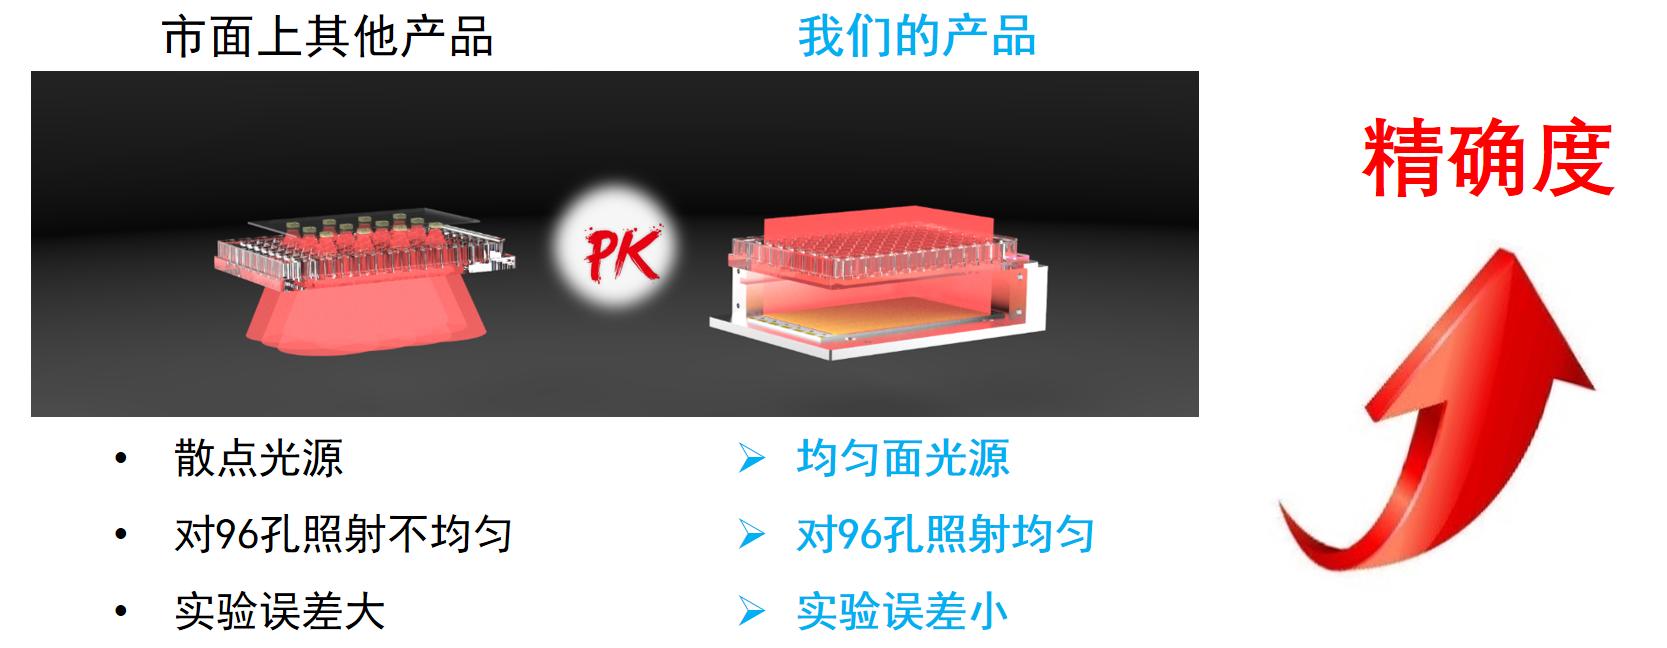 LED对比图